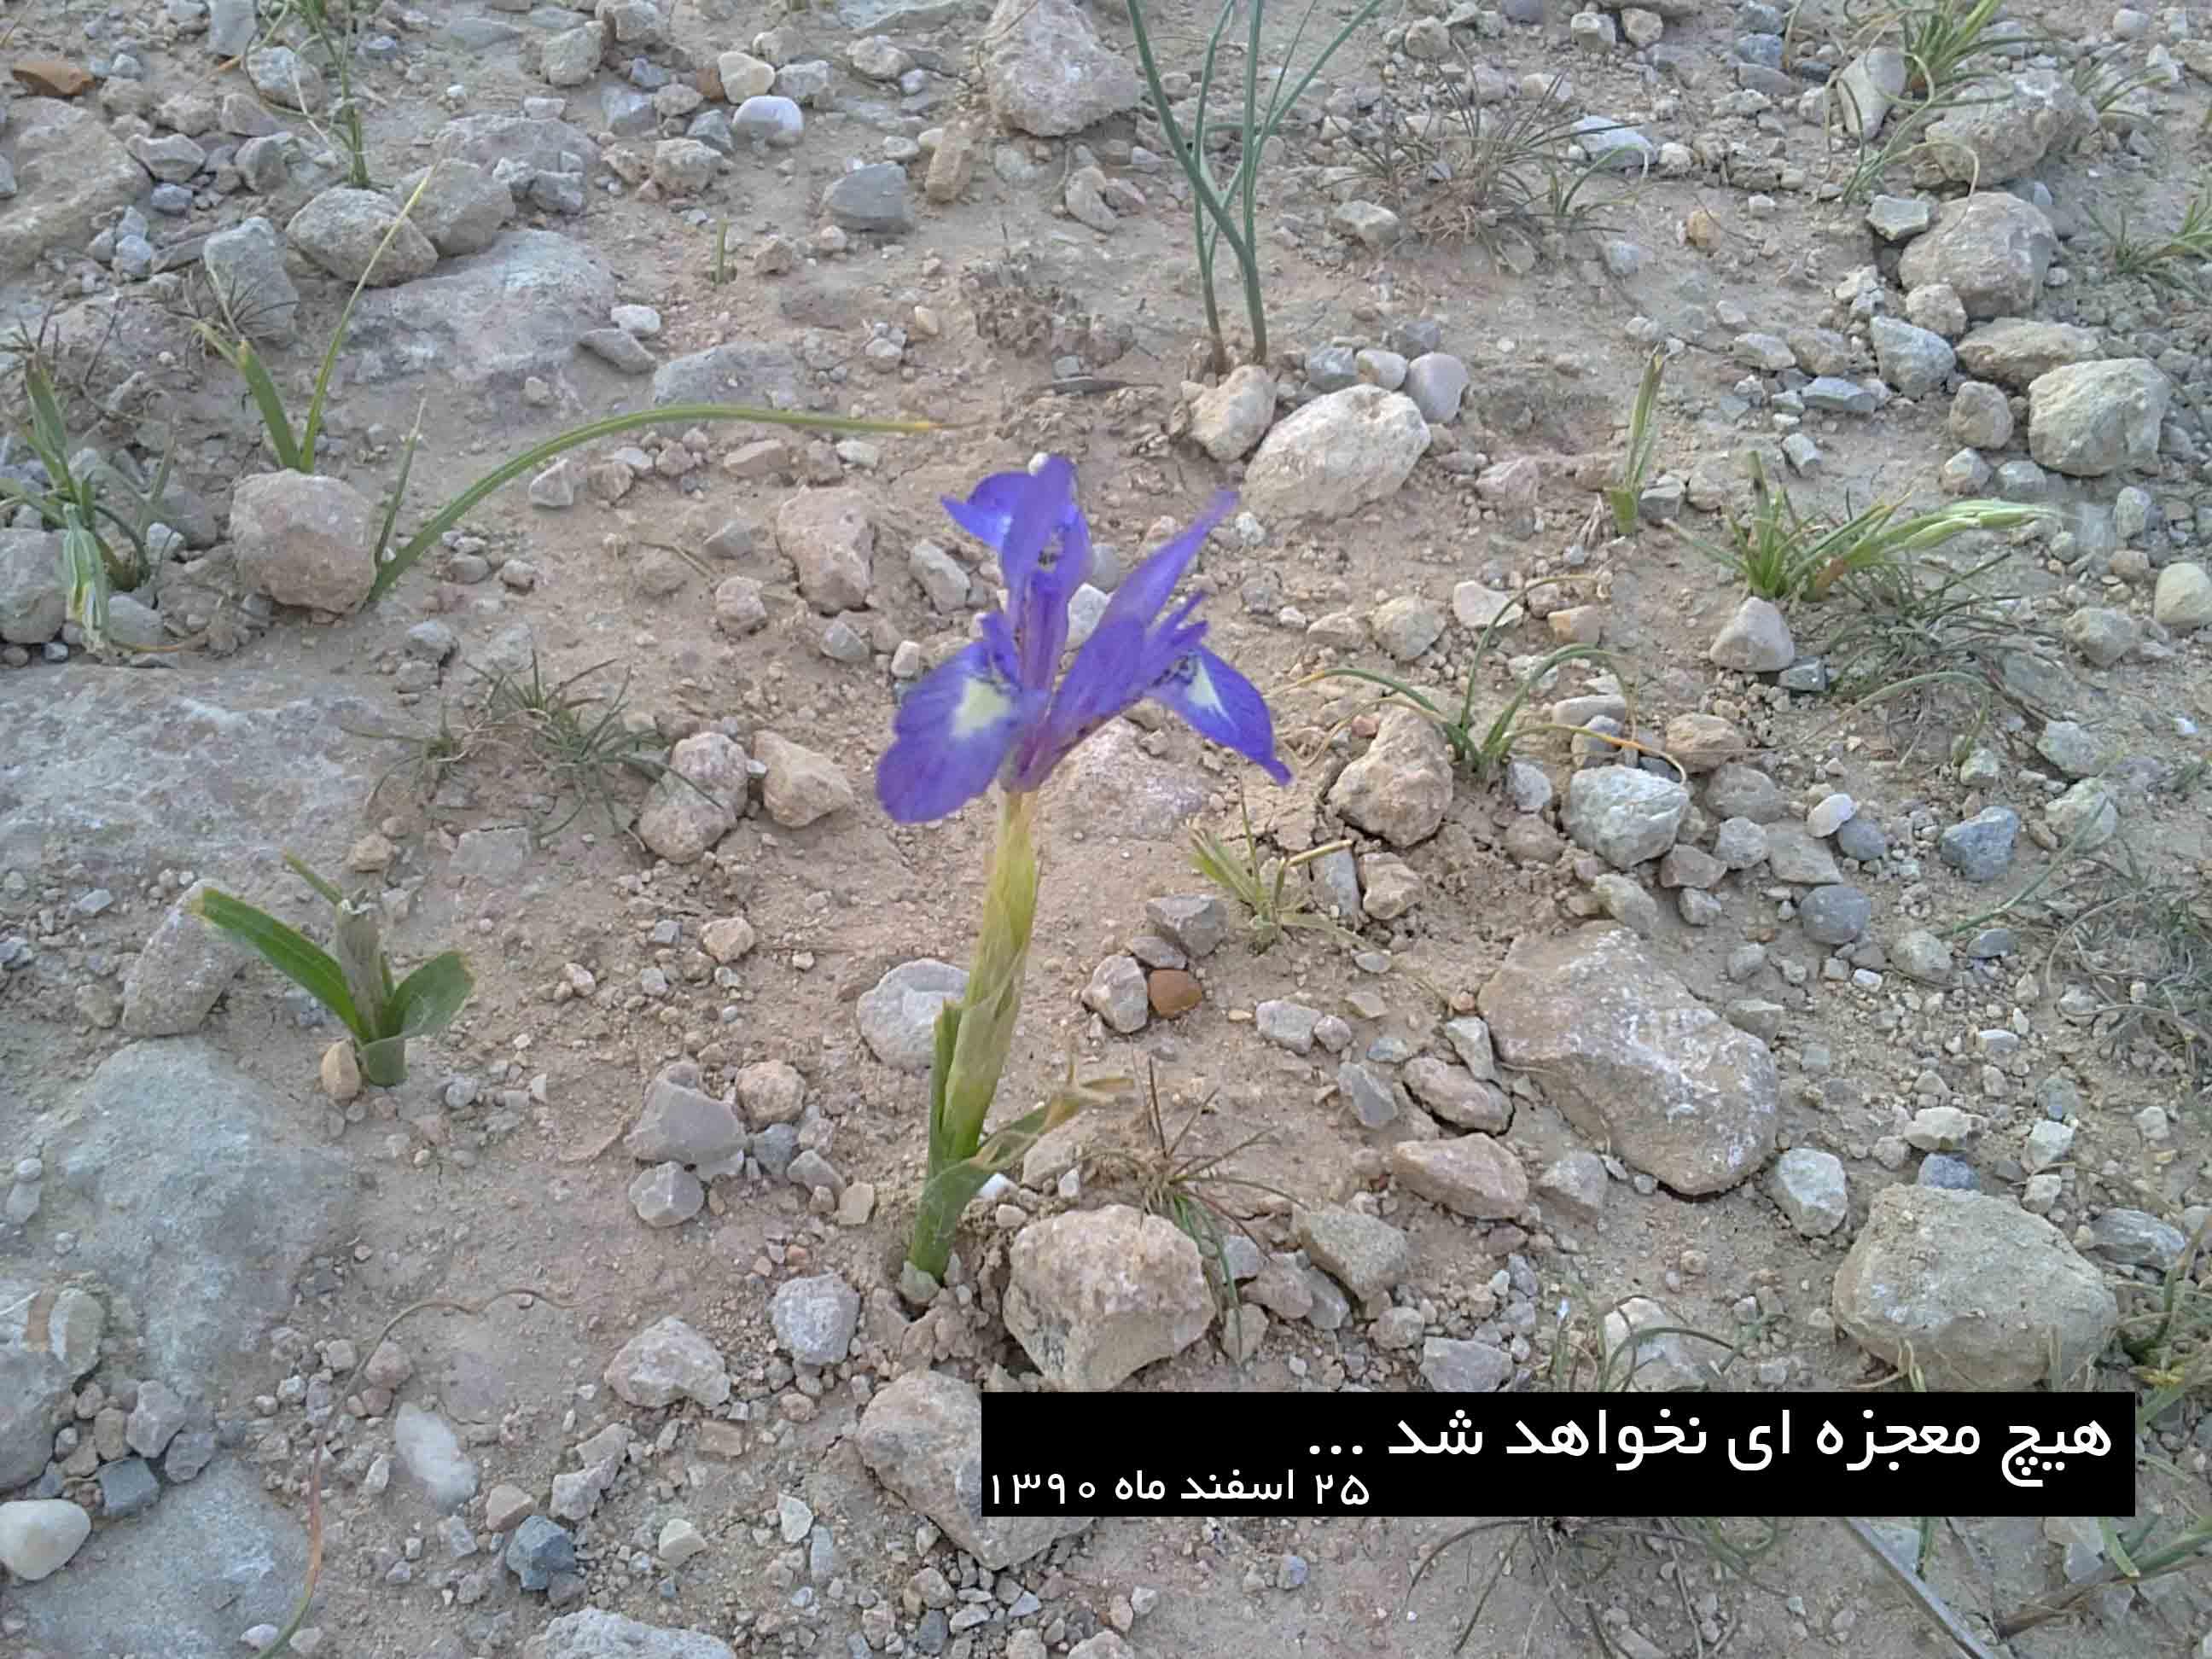 سوق - قبرستان - 25 اسفند ماه 90